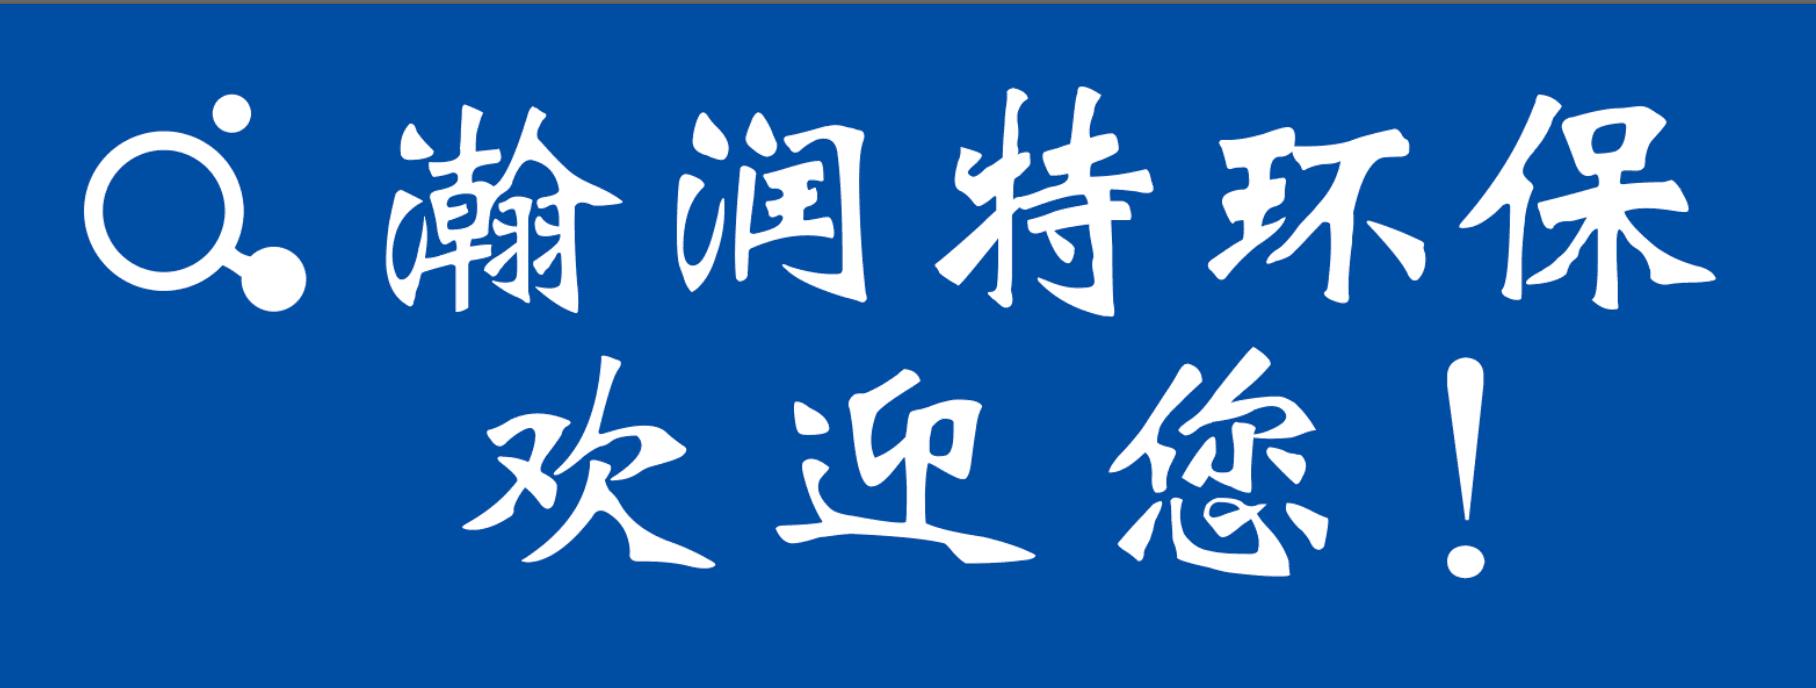 瀚润特环保设备(江苏)有限公司的企业标志